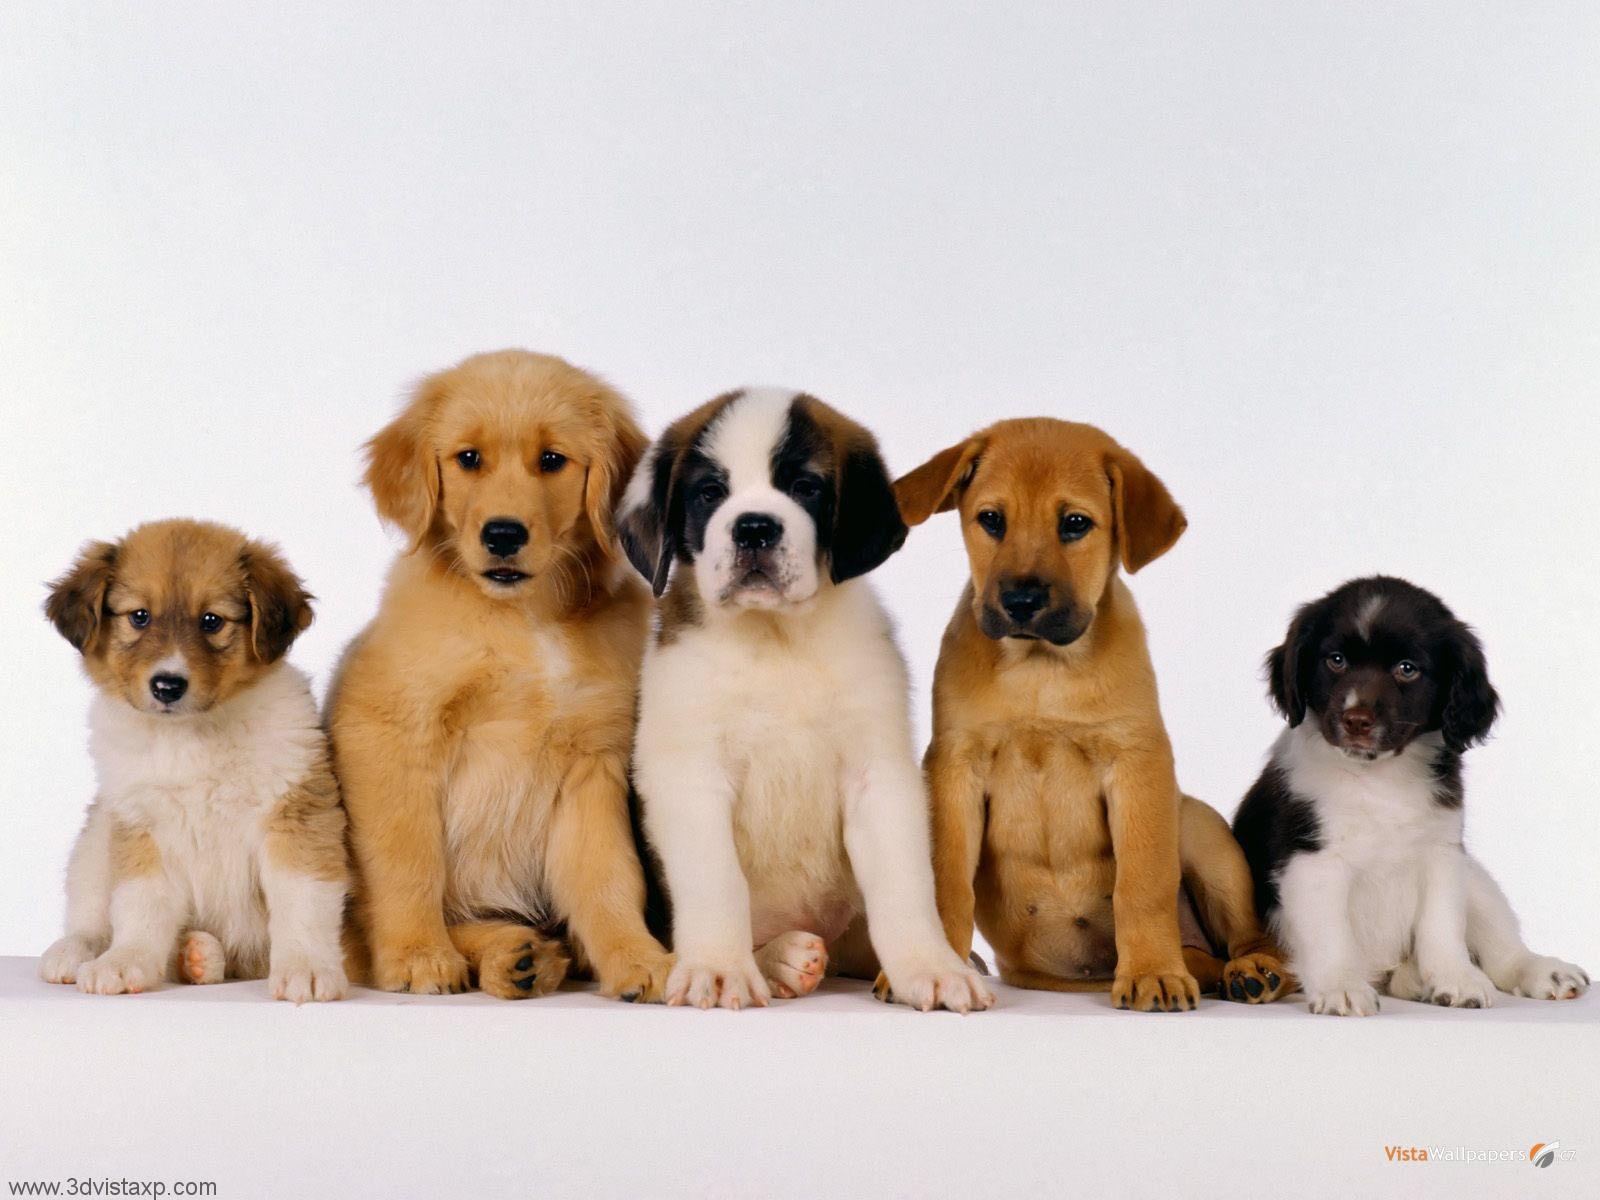 http://1.bp.blogspot.com/-Gk5Dxfu86jg/TmPuFsIuRKI/AAAAAAAAAec/W5whEcW9p4g/s1600/macexplorer.com-puppy-dog-17.jpg